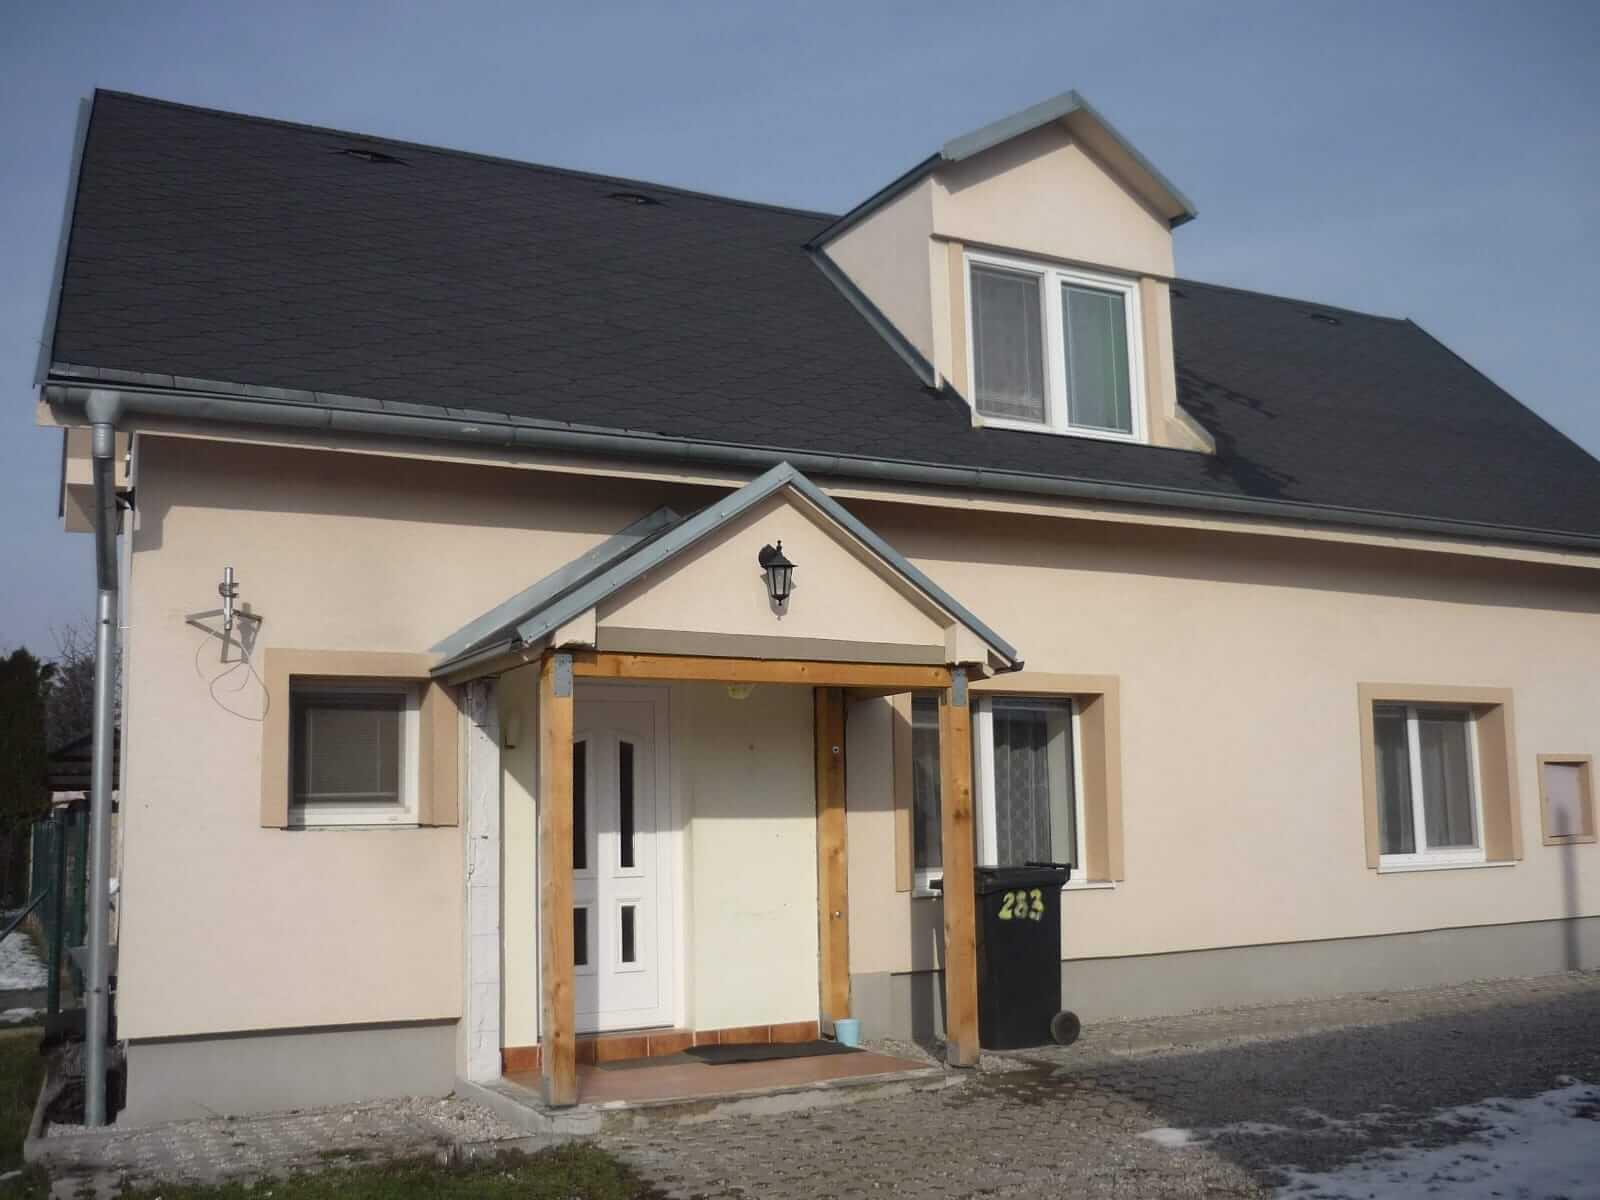 Predaný: Predaj 3 Izbového Rodinného domu, Viničné, Pri Pezinku, úžitková plocha 134m2-40